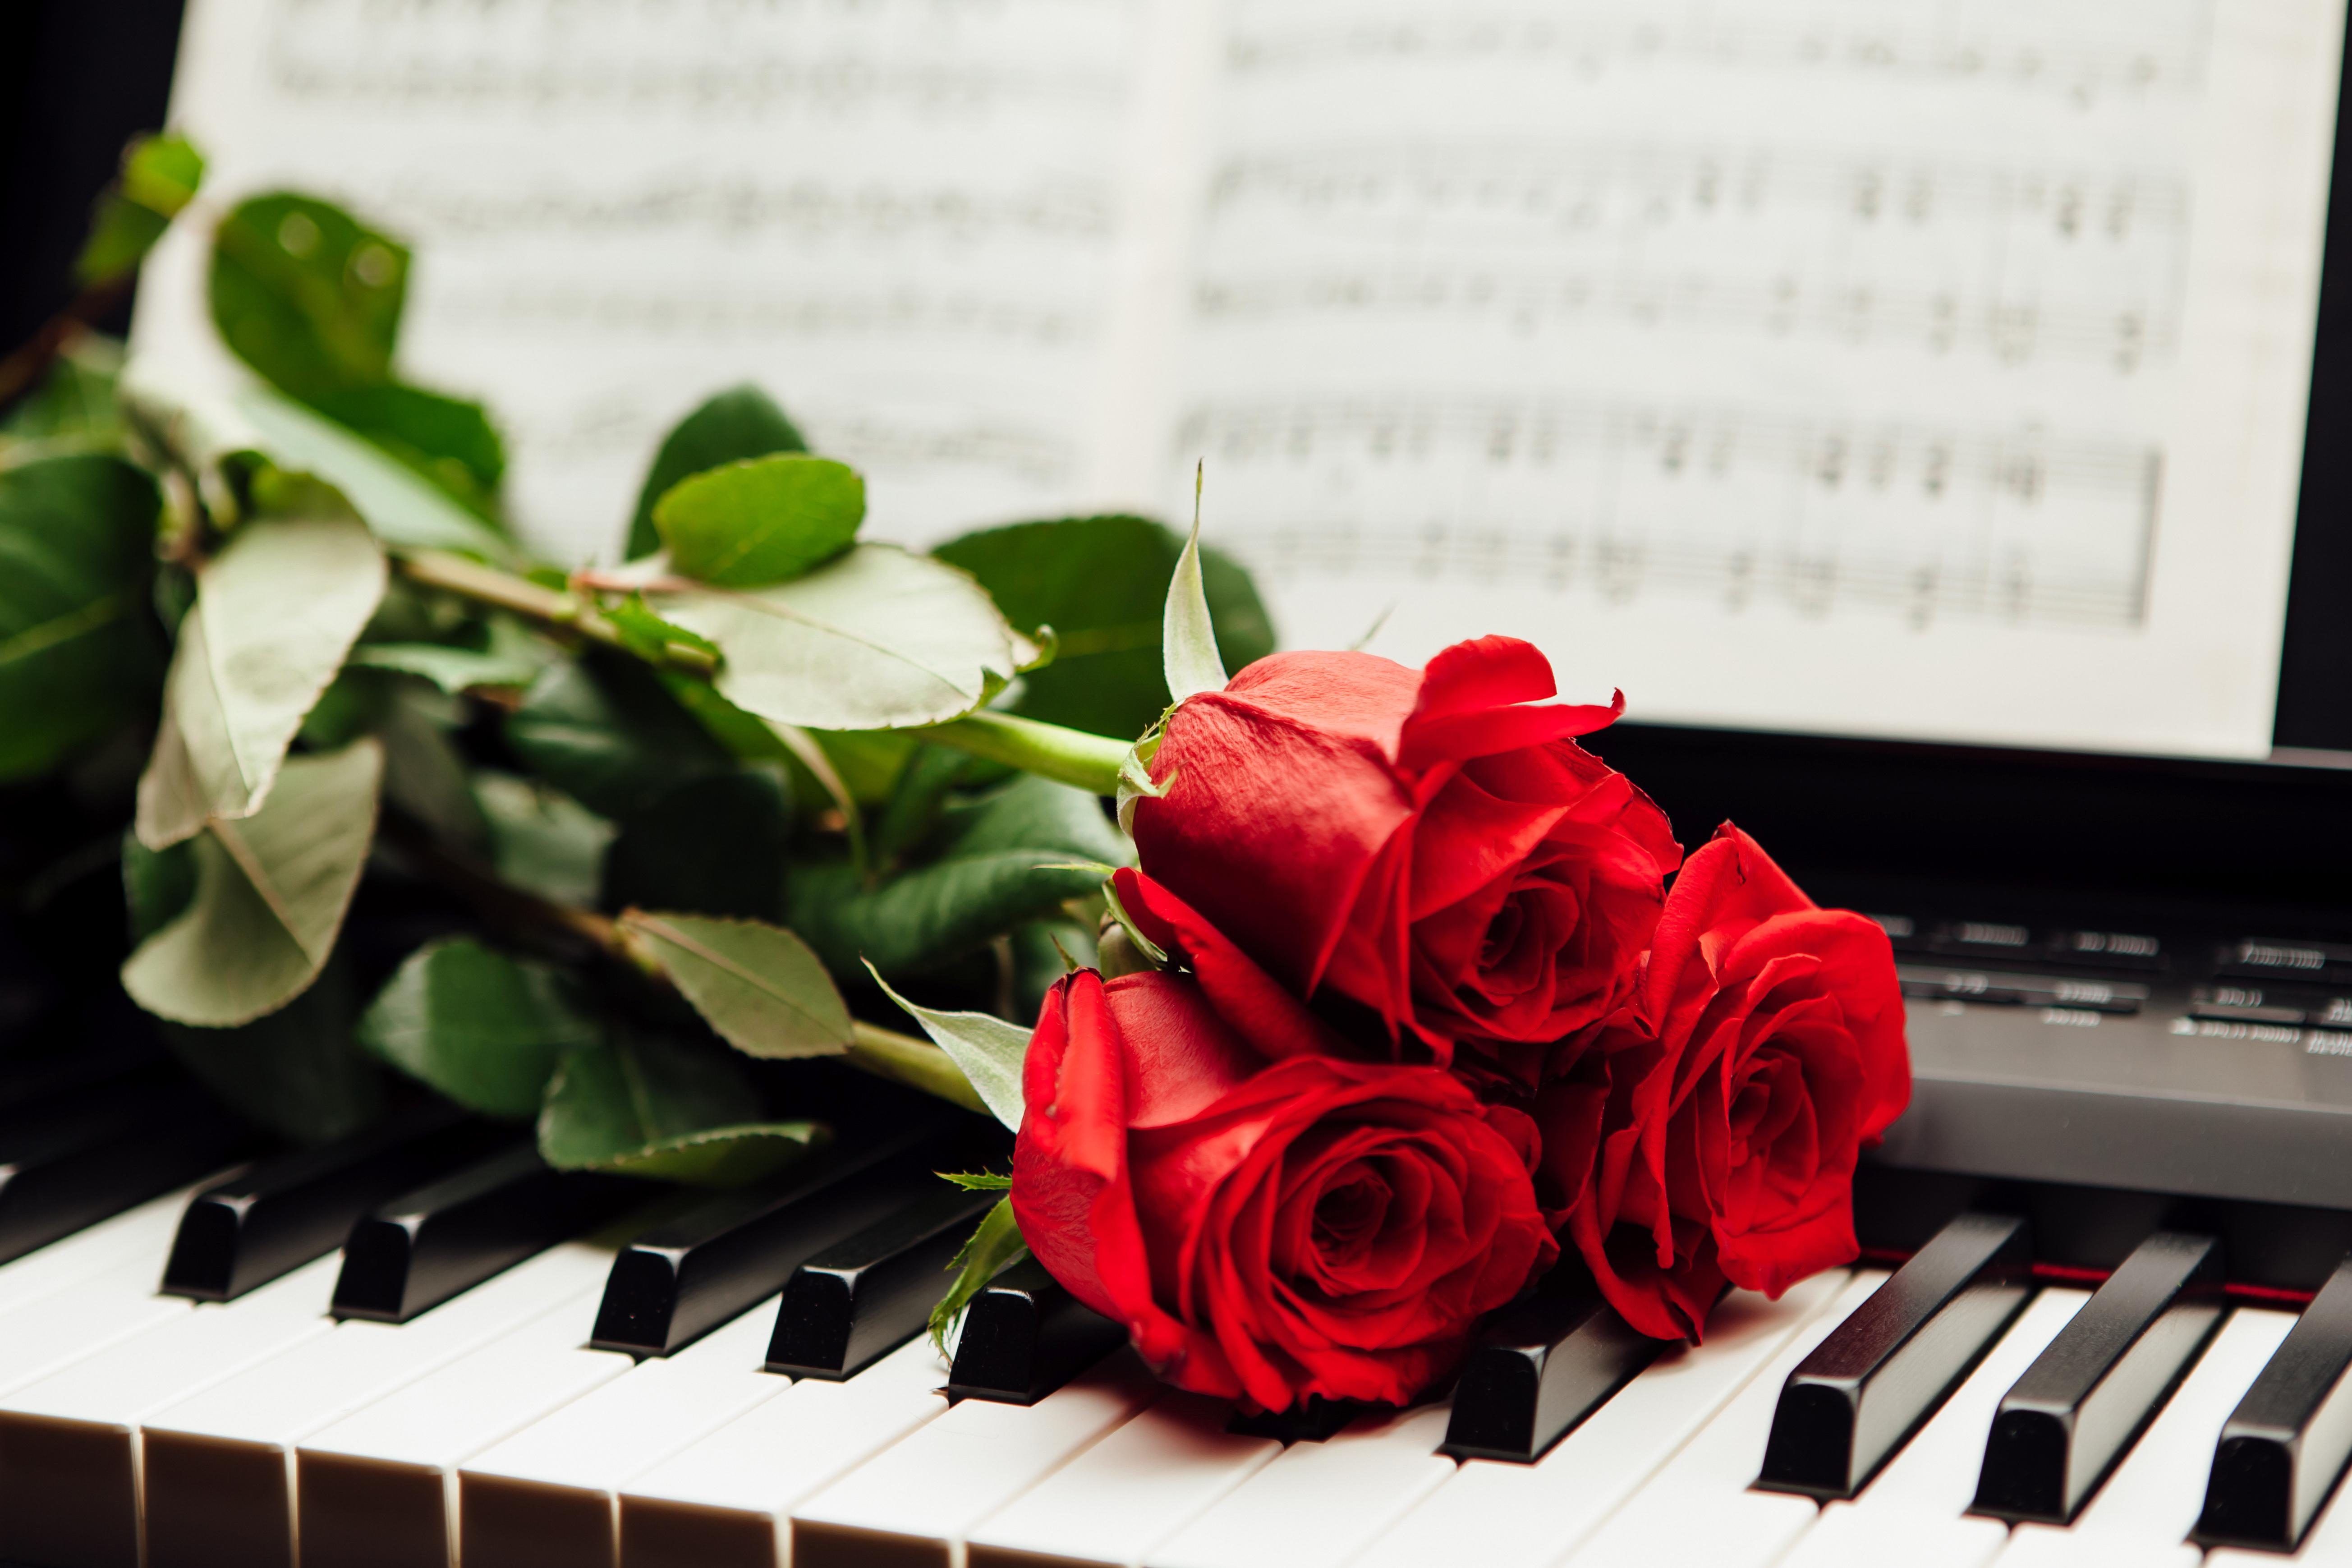 Обои на рабочий стол рояль розы